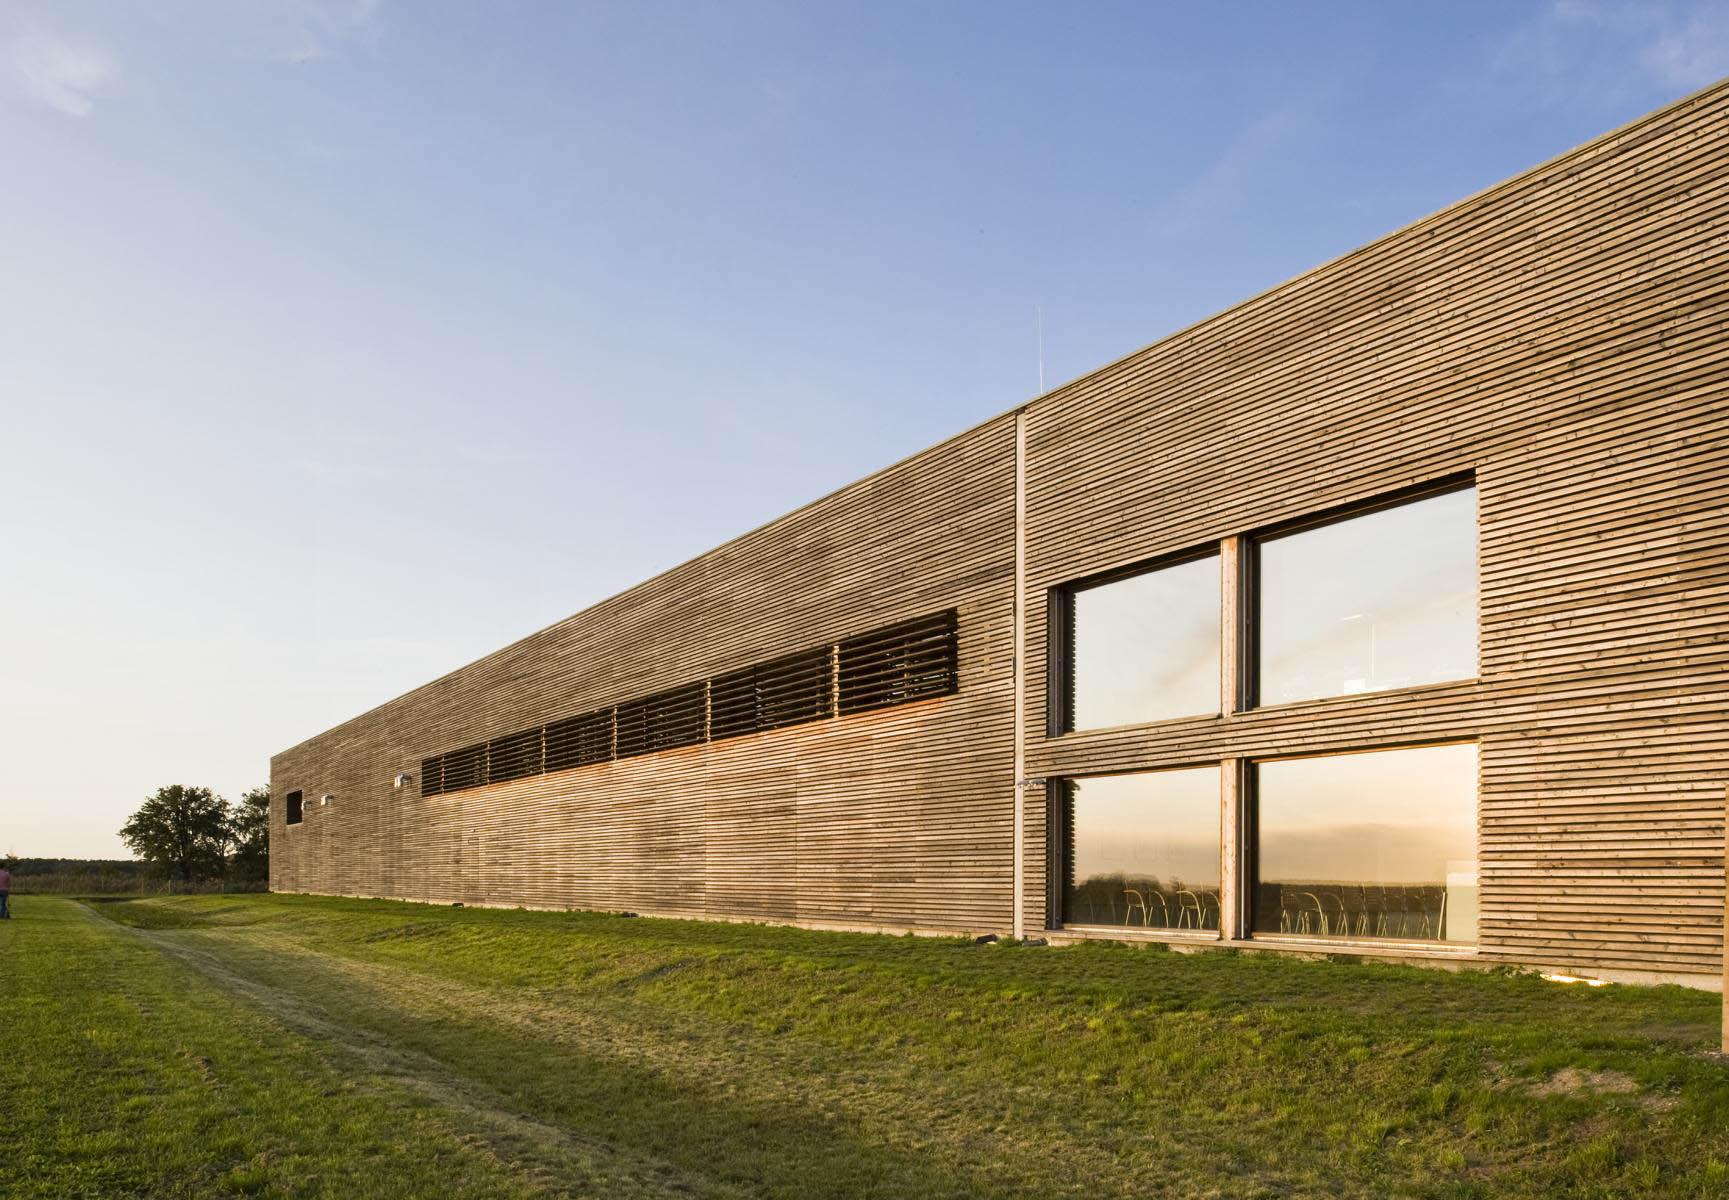 Lebendige Holzfassade